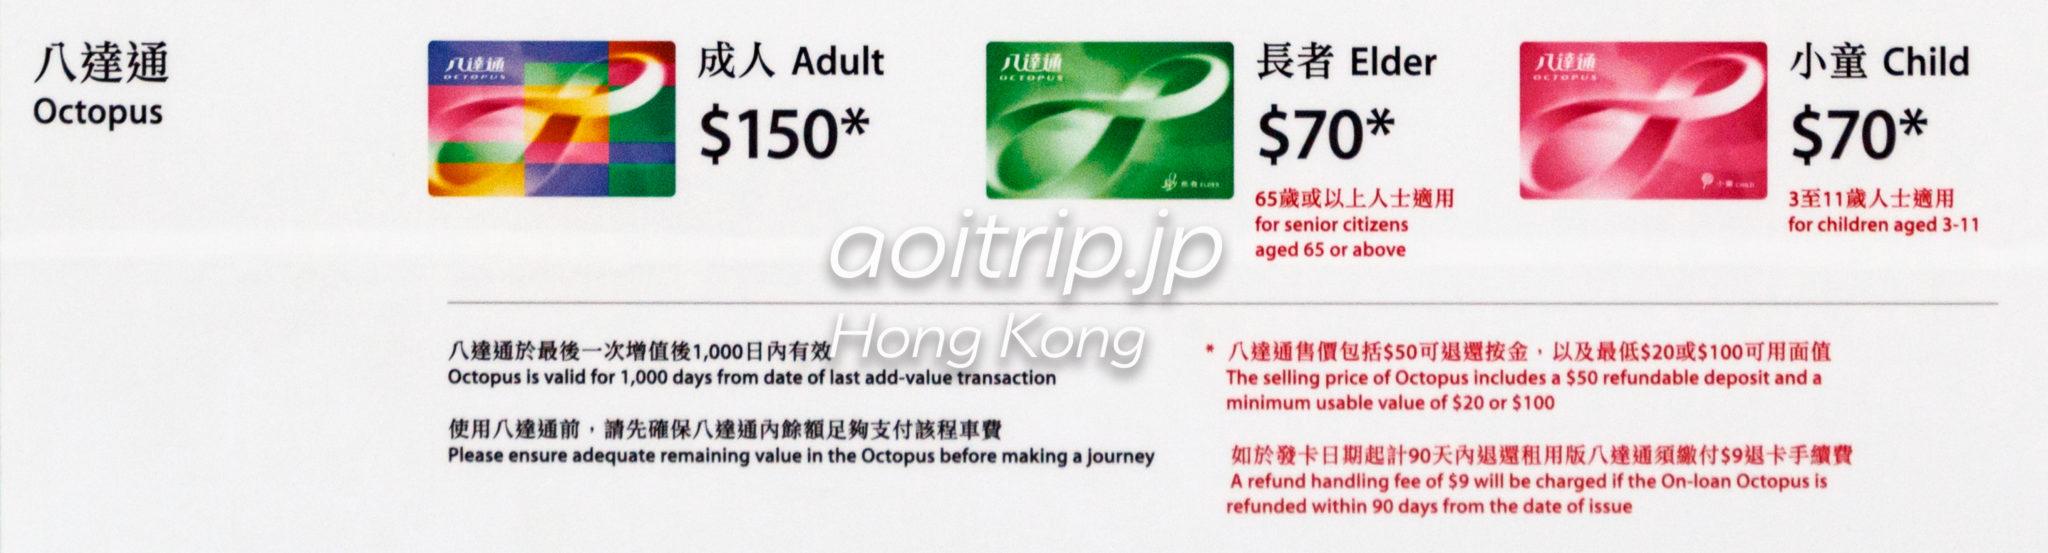 香港オクトパスカードの料金